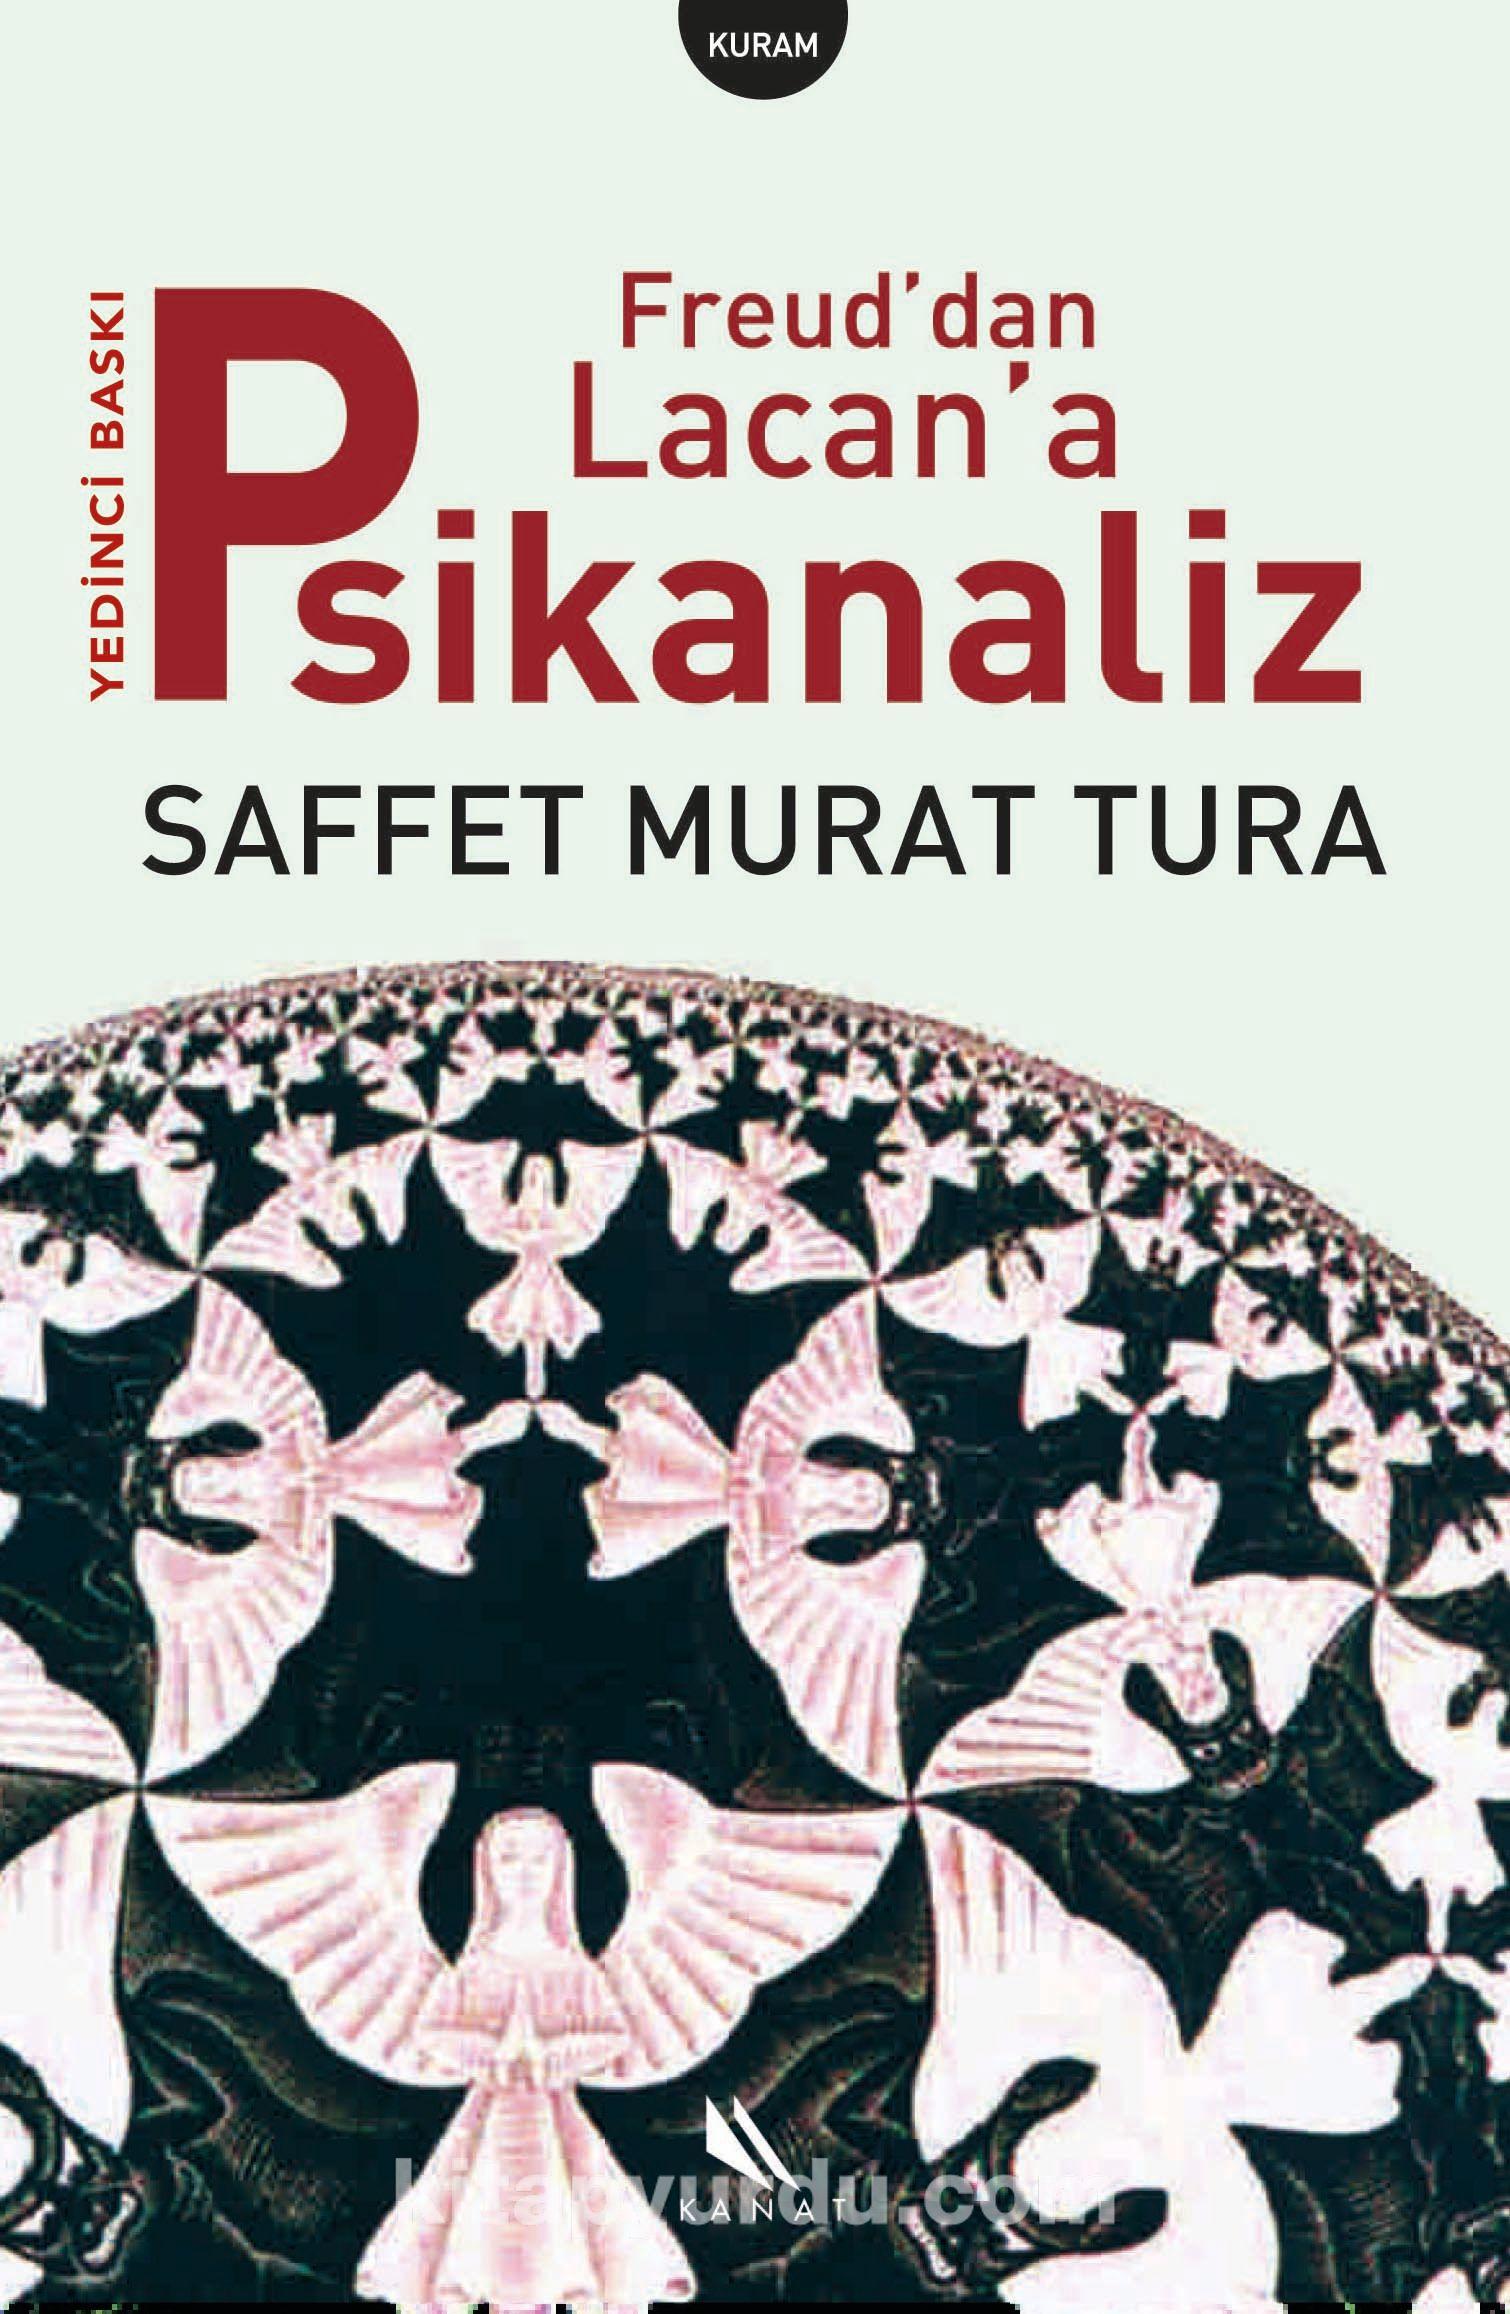 Freud'dan Lacan'a Psikanaliz - Saffet Murat Tura pdf epub